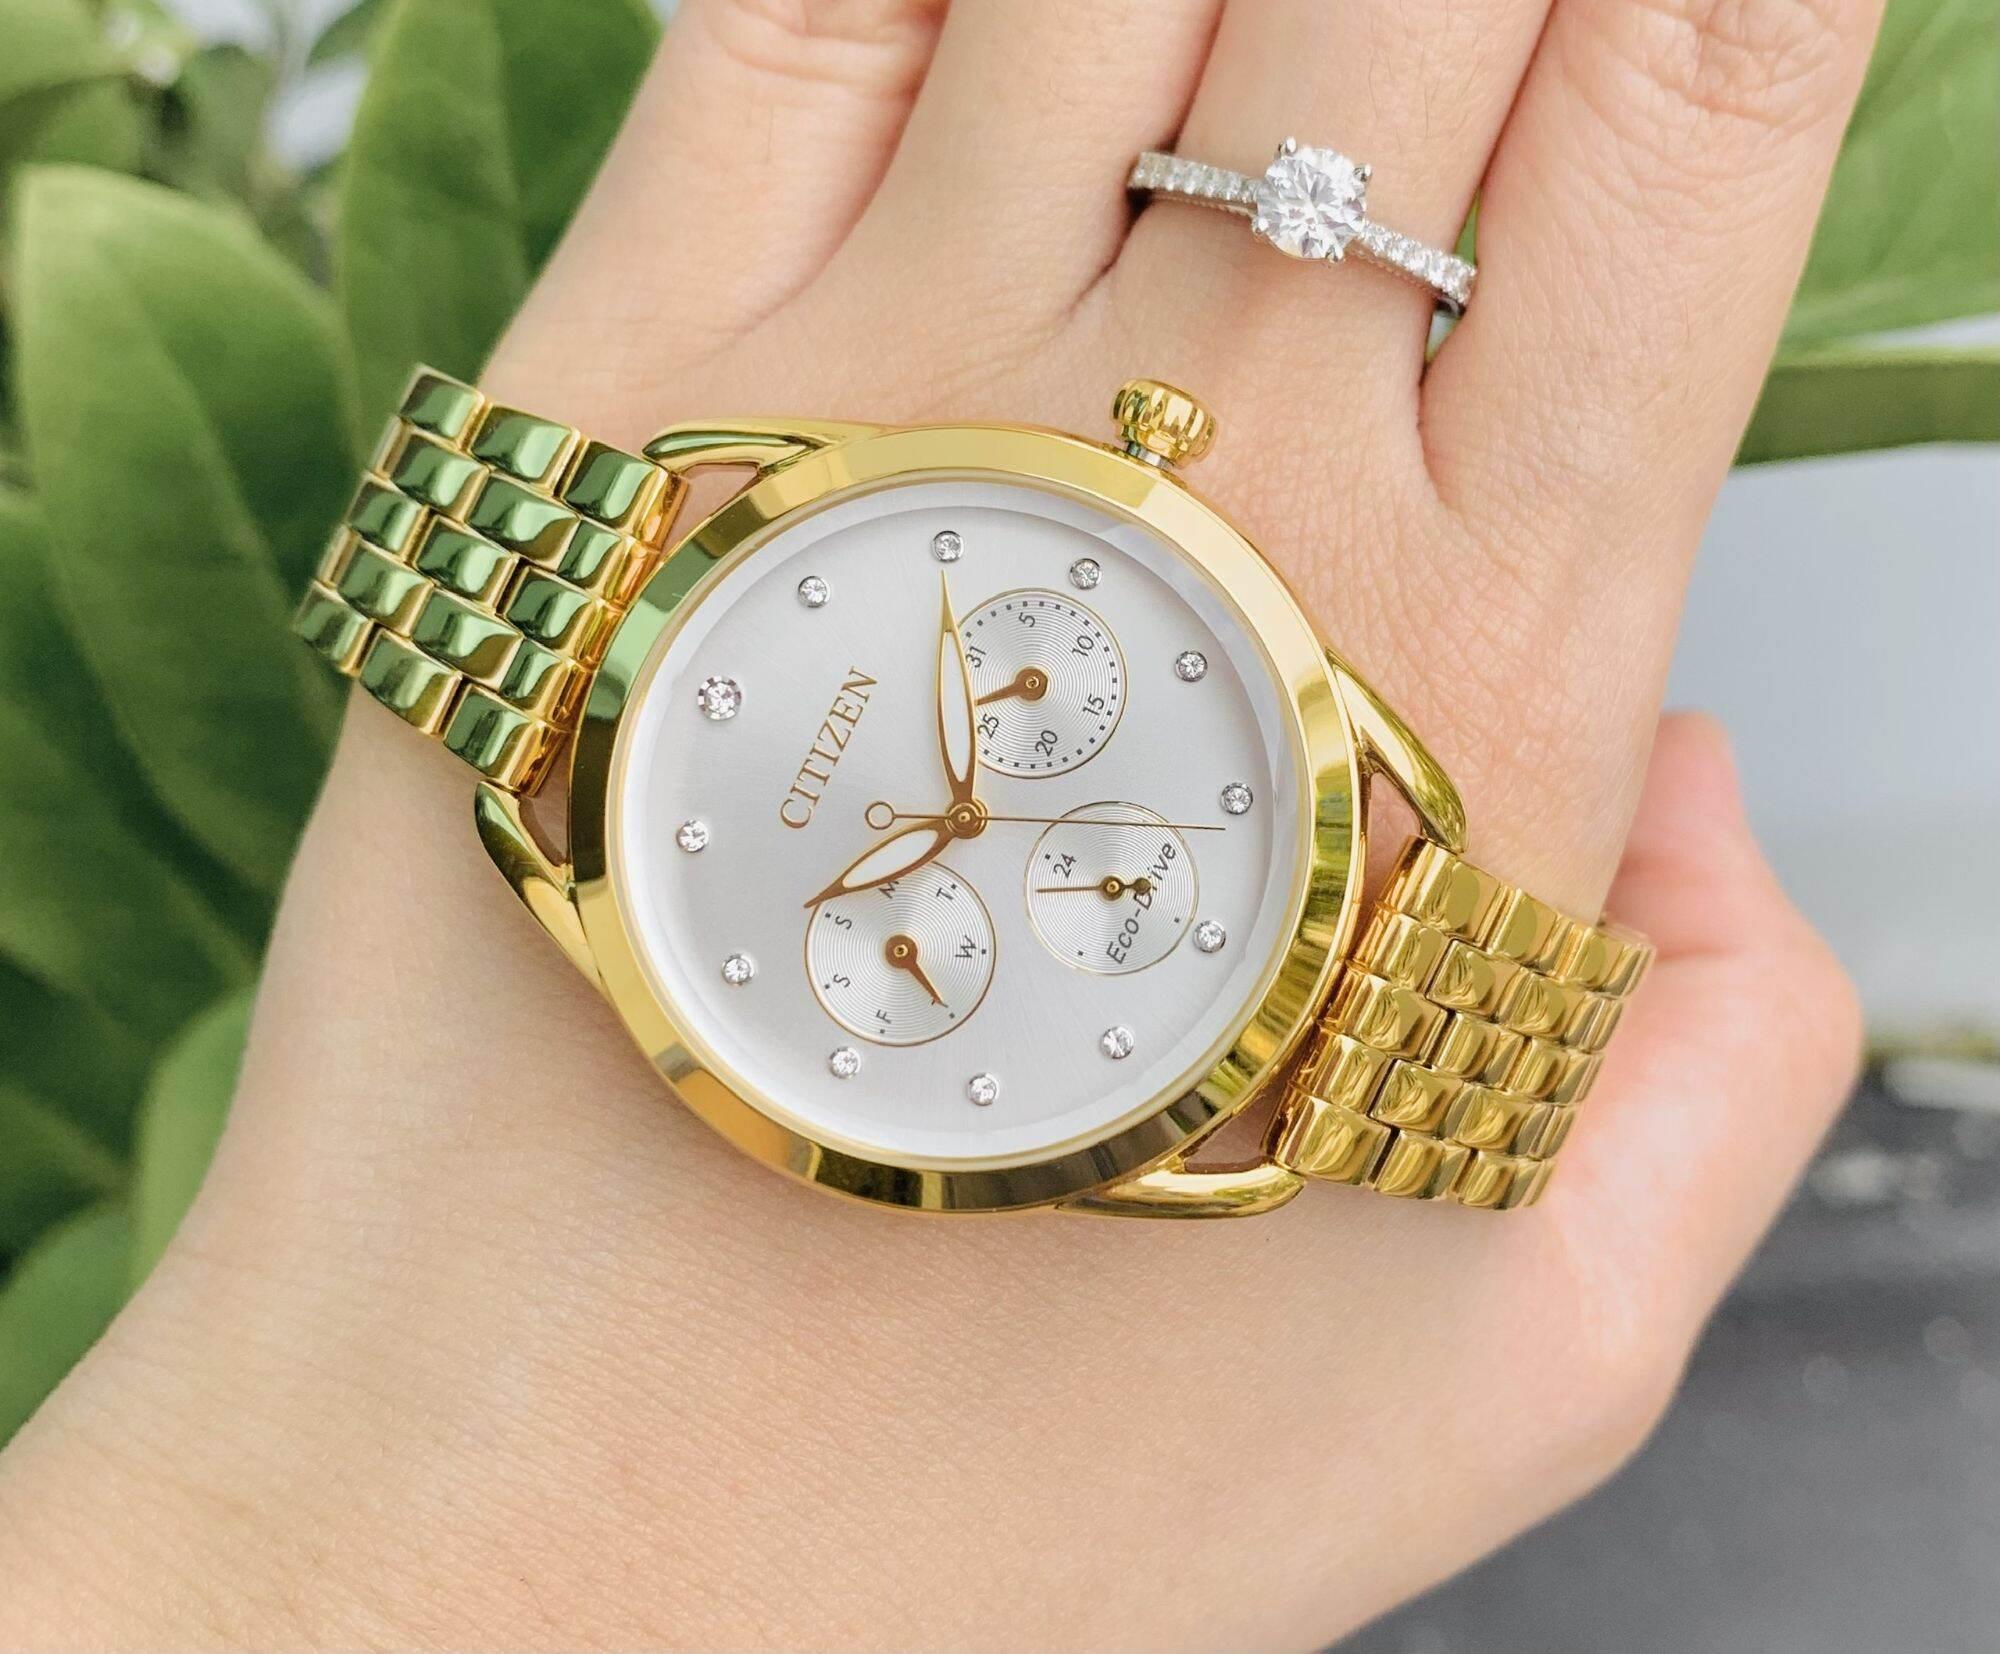 [HCM]Đồng hồ thời trang nữ Citizen FD2052-58A nữ cực xinh & sang trọng với cọc số đính kim cương